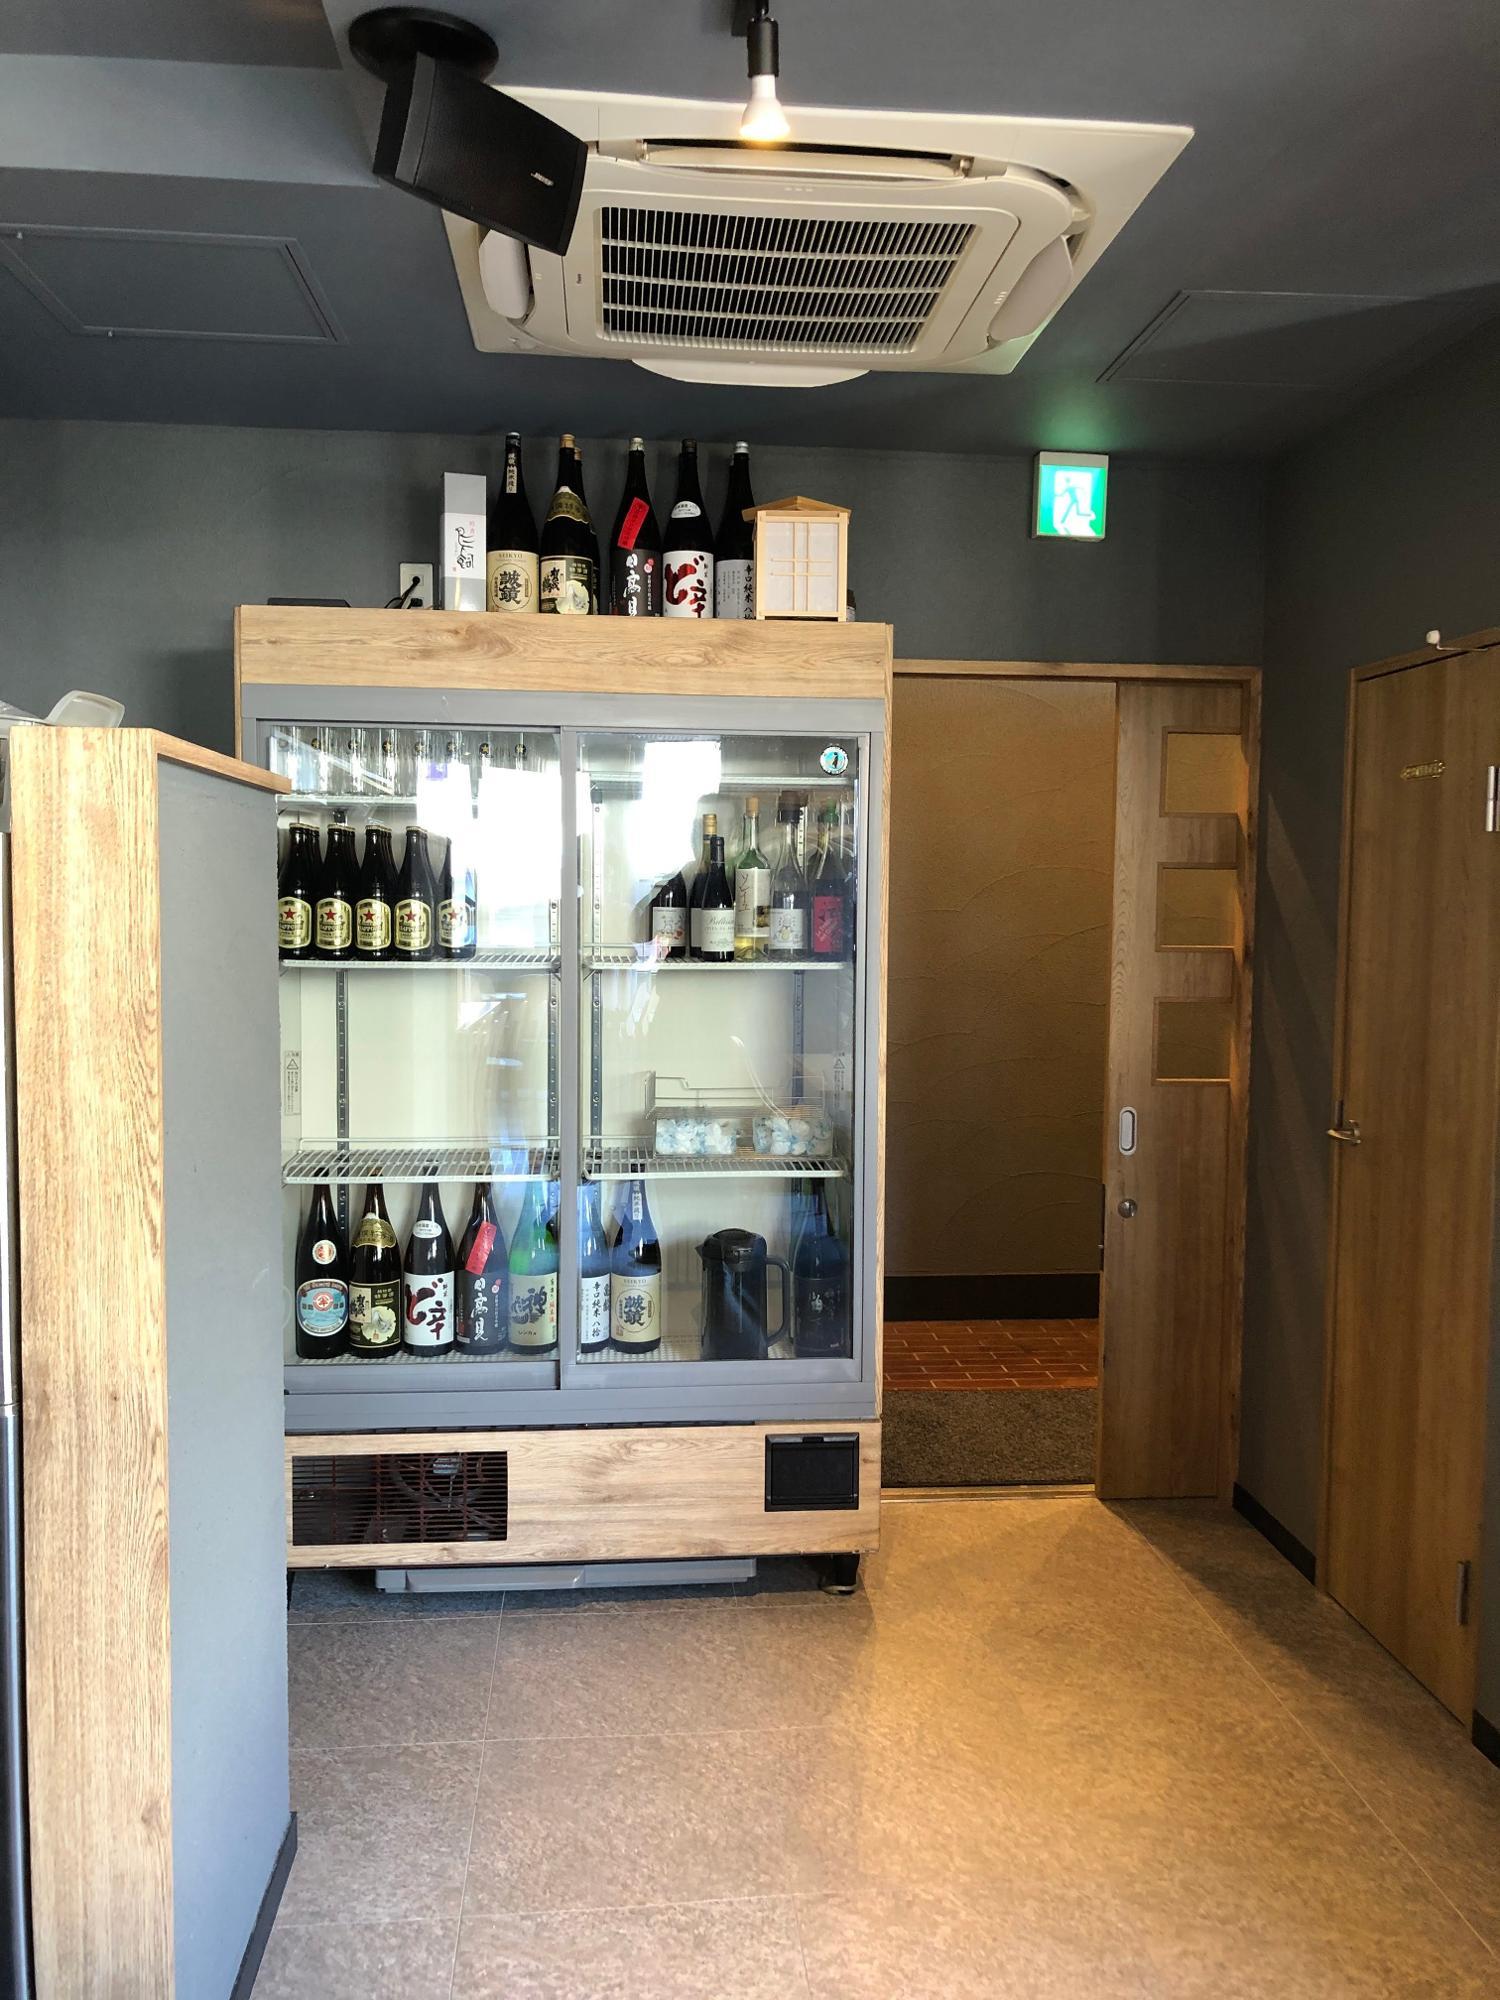 この冷蔵庫の下2段は日本酒がずらりと並ぶ予定という